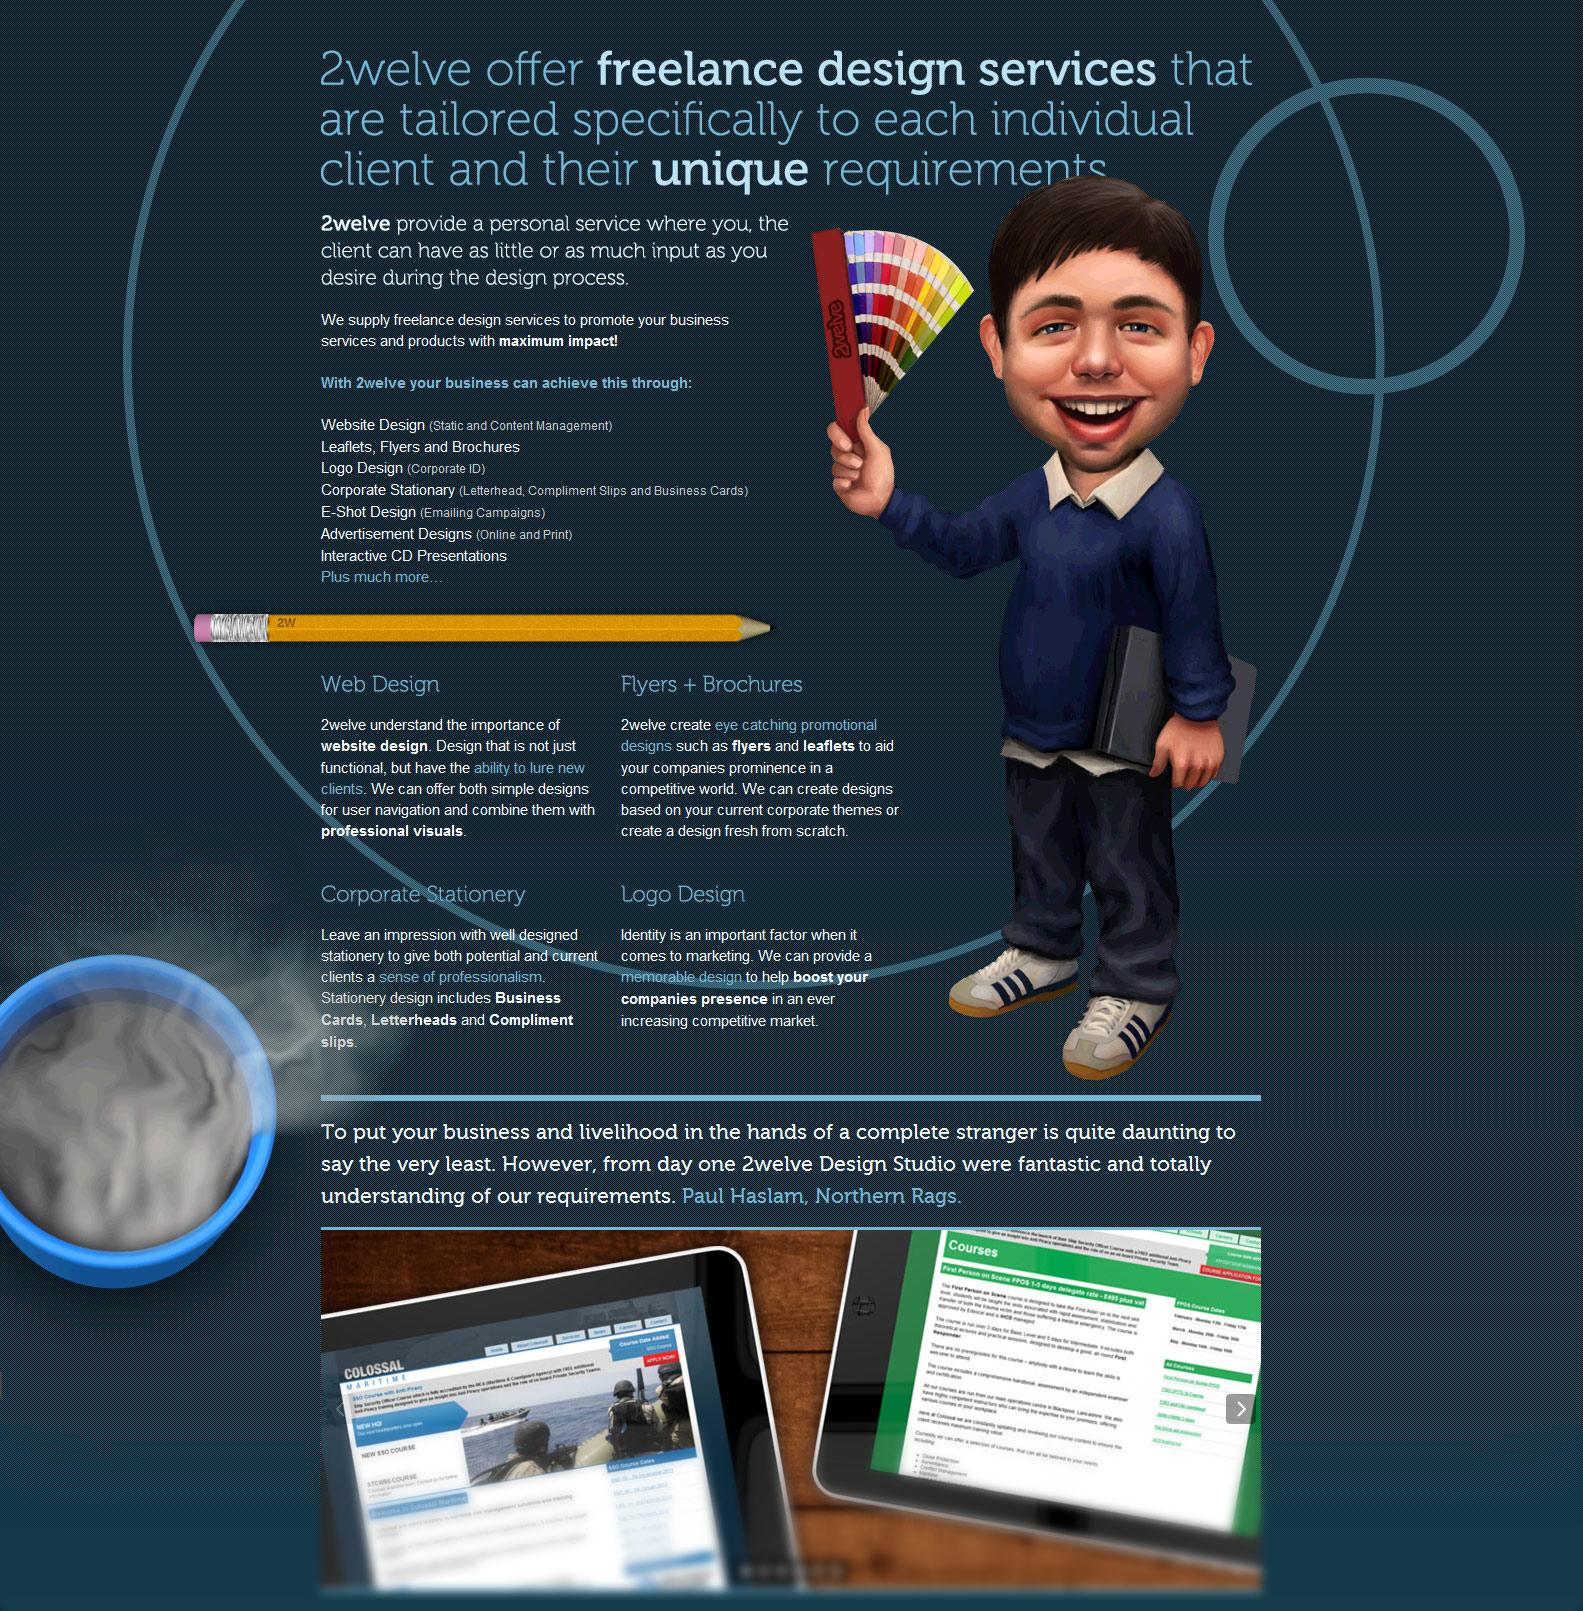 2welve Website Screenshot